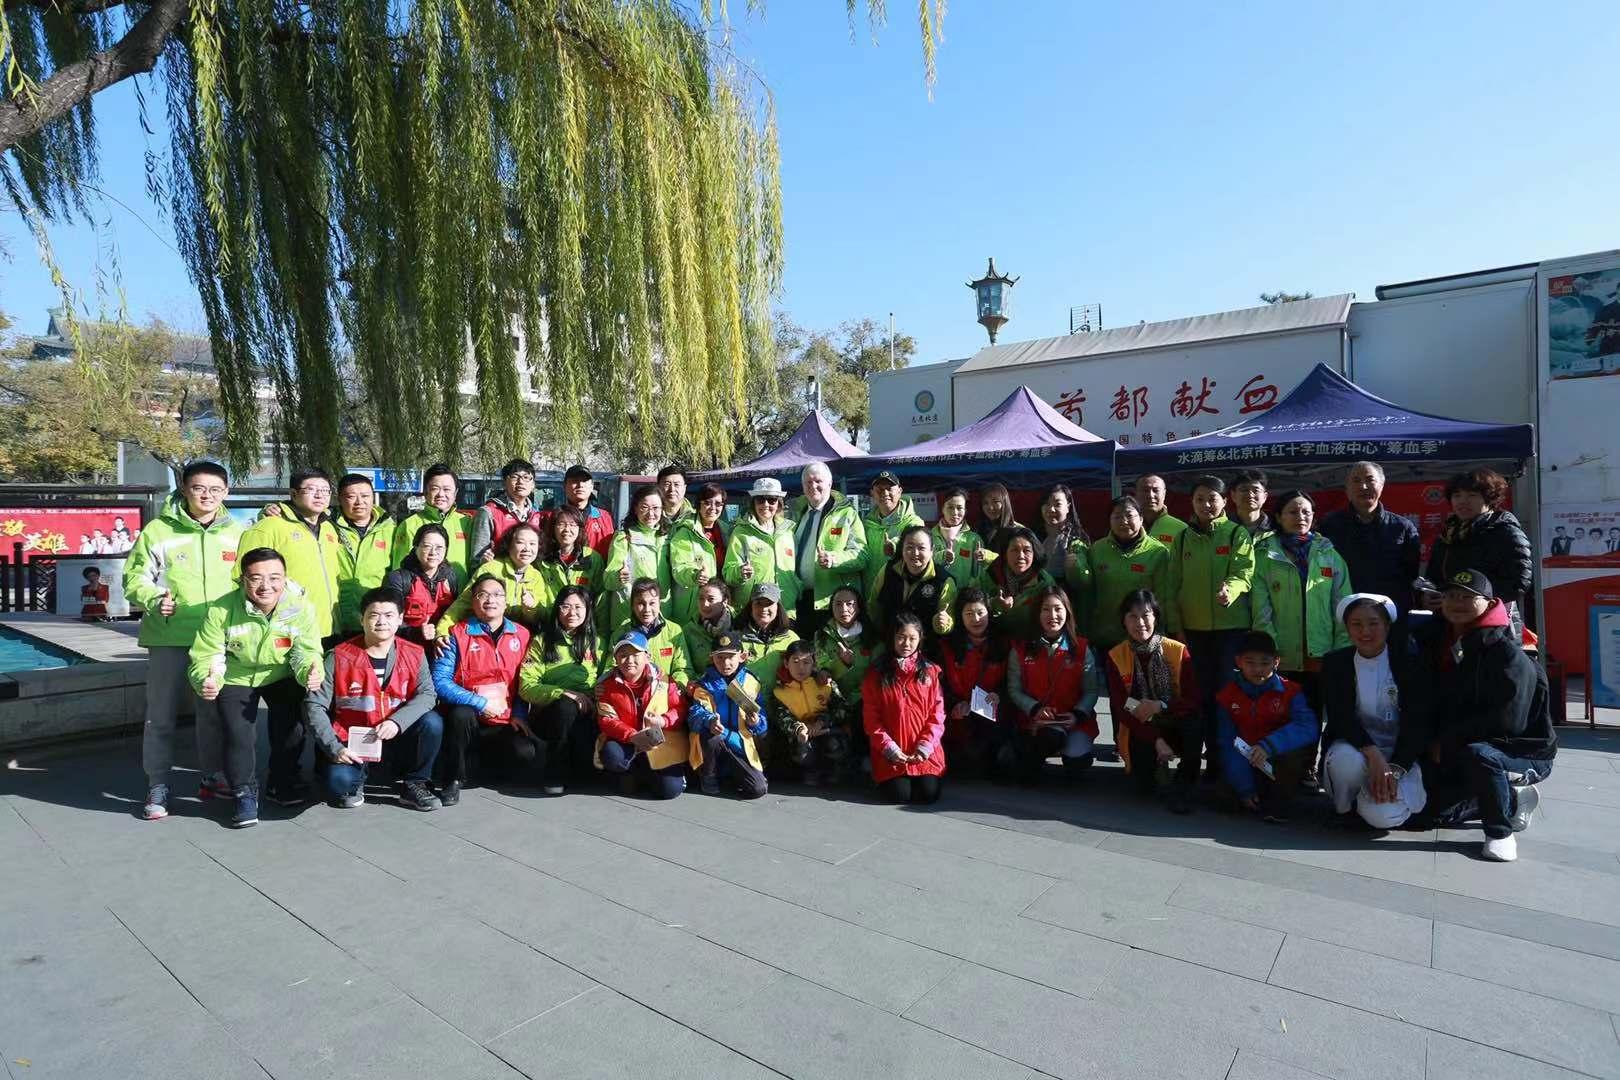 """聚狮爱 暖京城 ——""""京狮红色行动""""六周年纪念活动成功举办"""